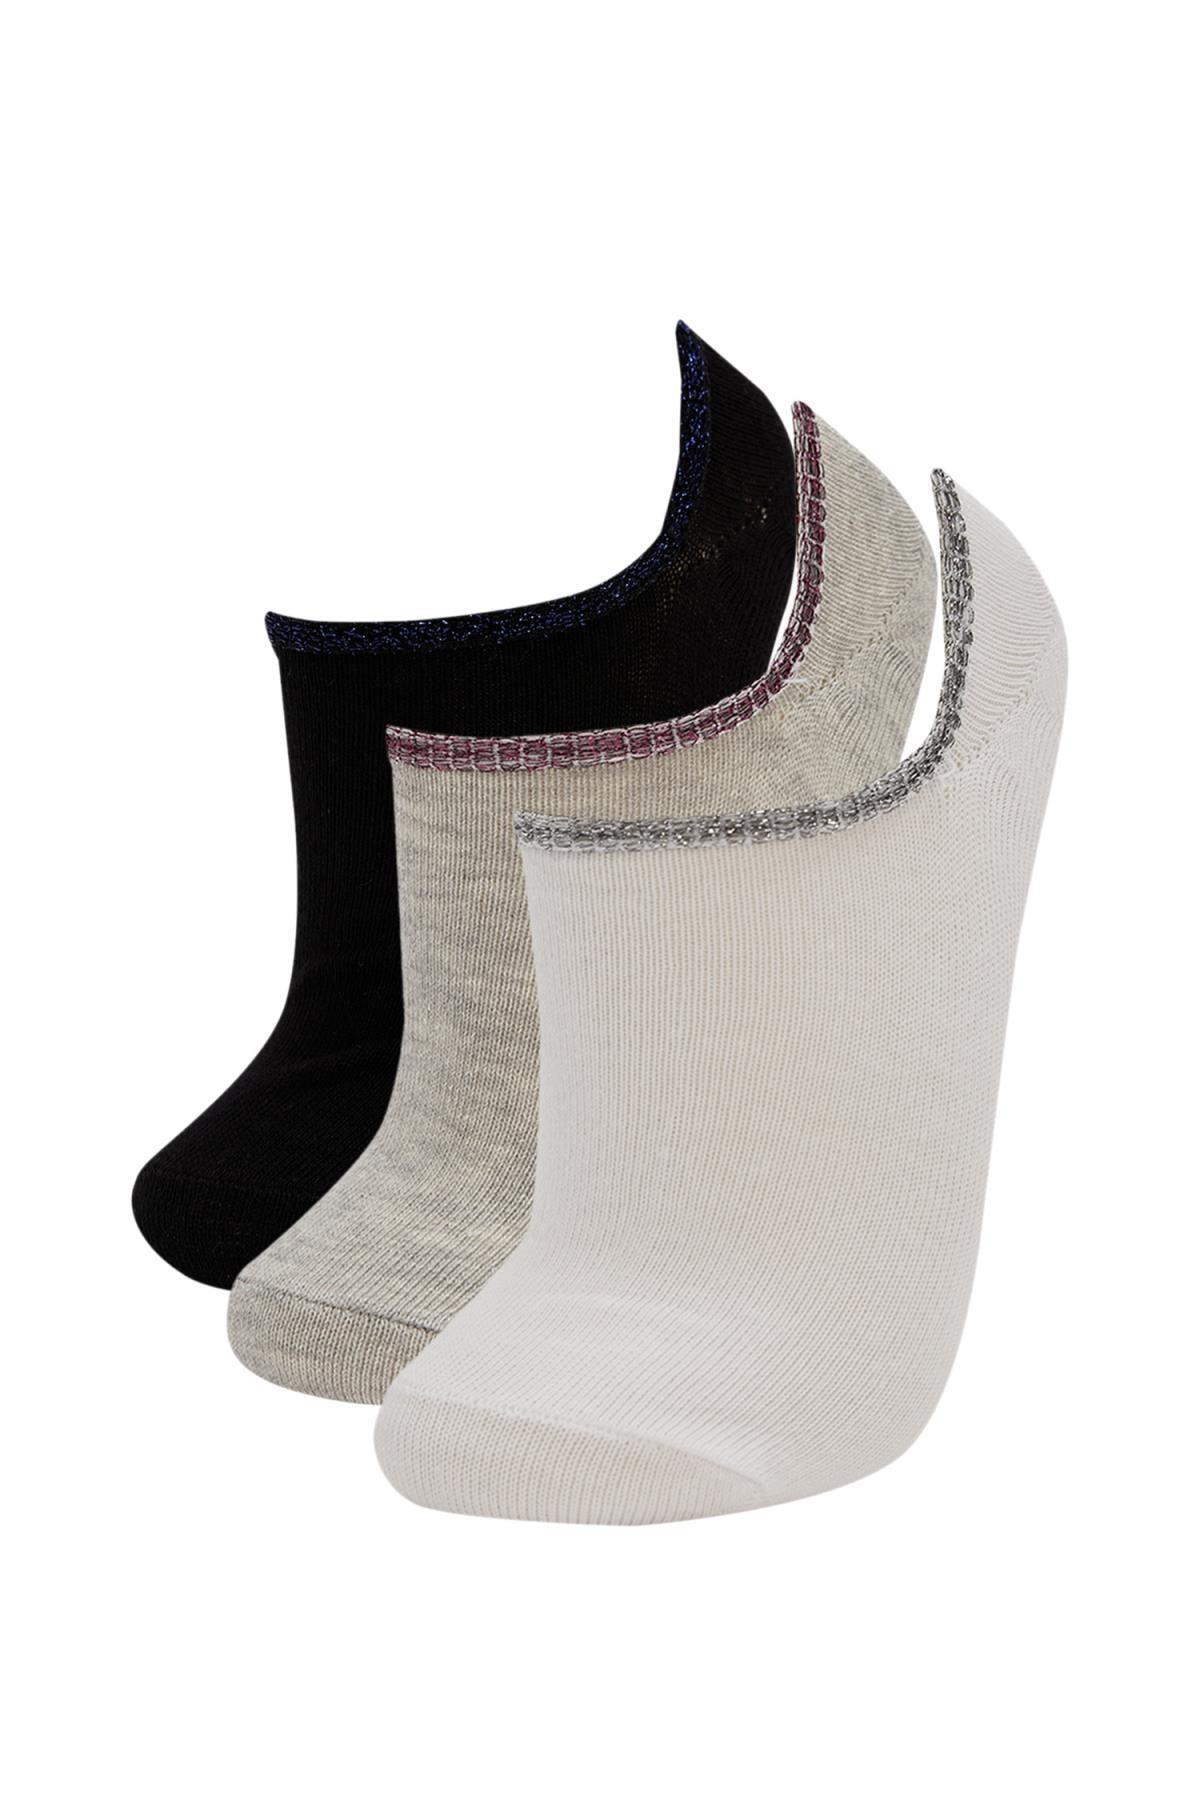 DeFacto Kadın Çok Renkli 3'lü Patik Çorap R8283AZ21AU